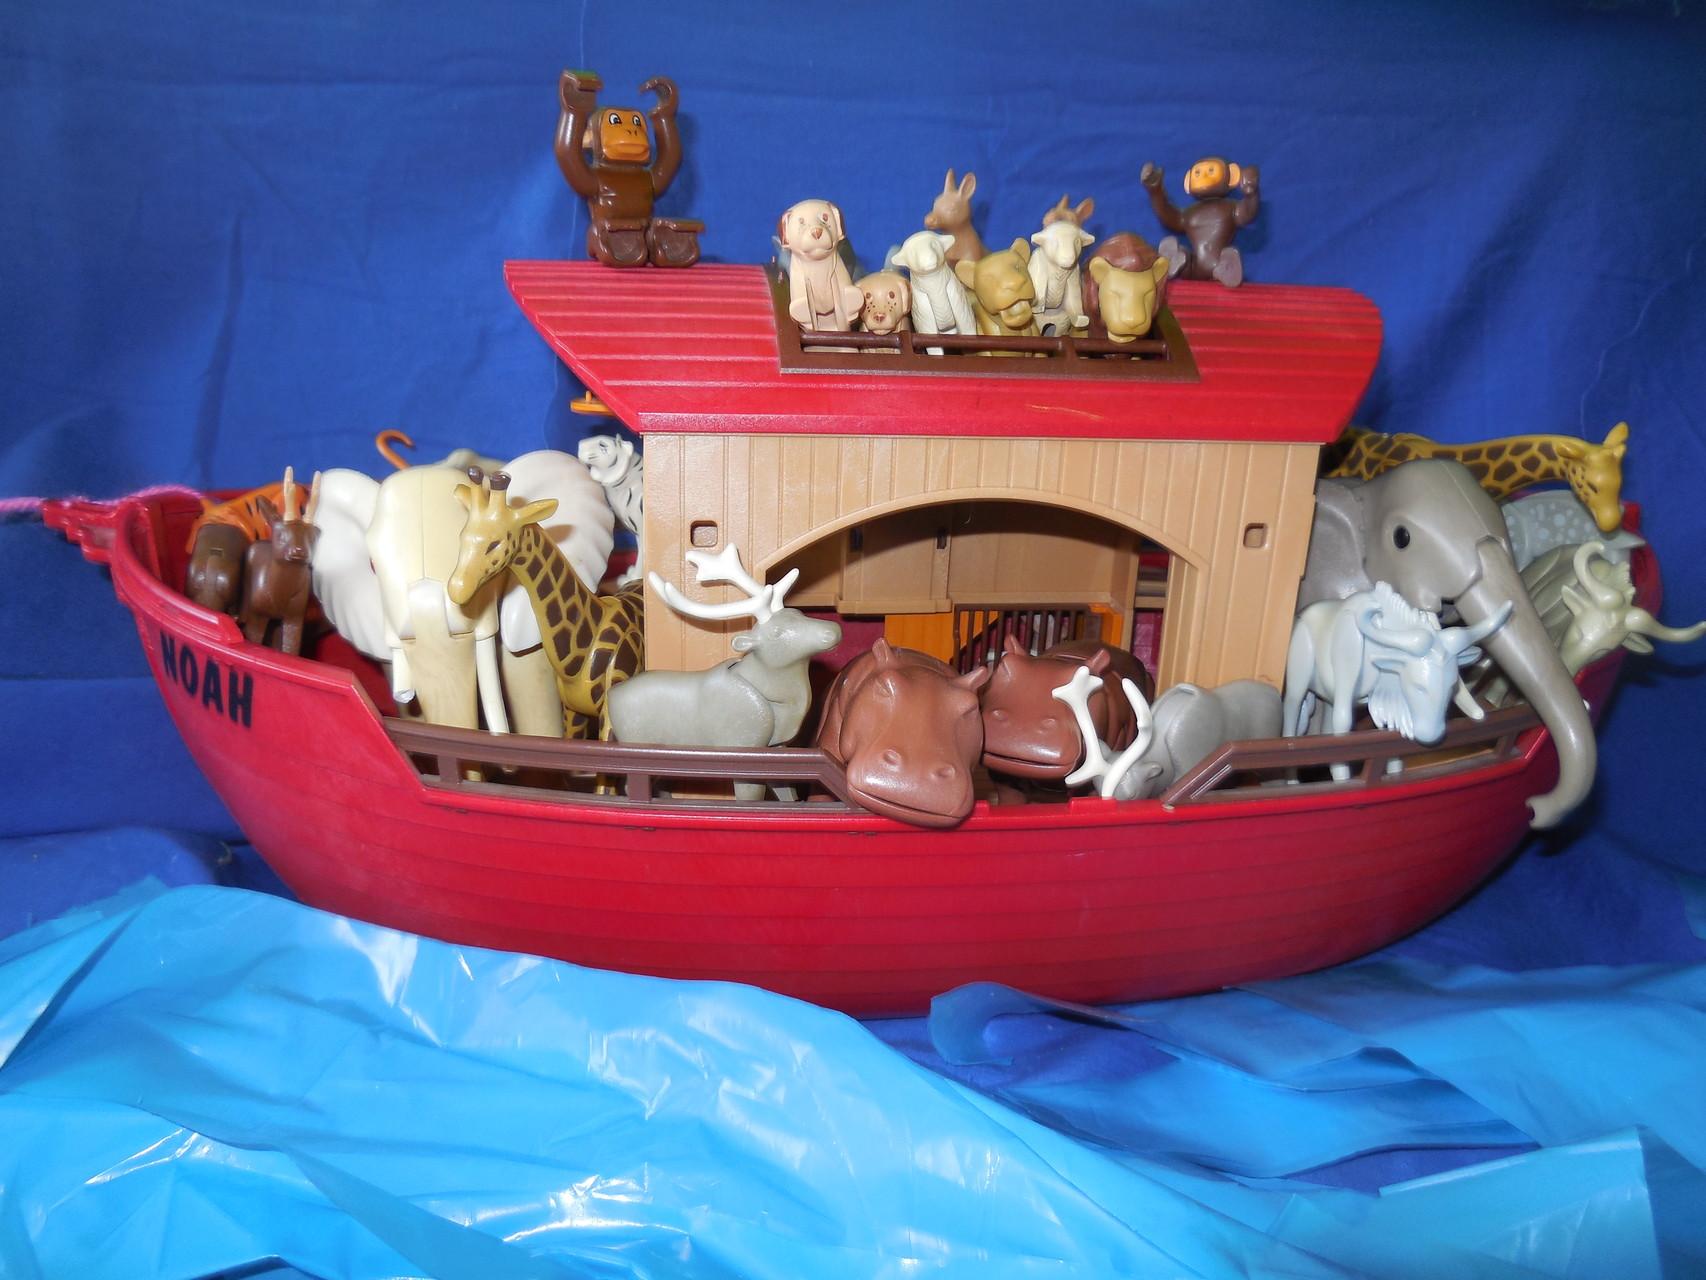 Die Tiere sorgten für Ordnung. Denn keiner sollte ins Wasser fallen.